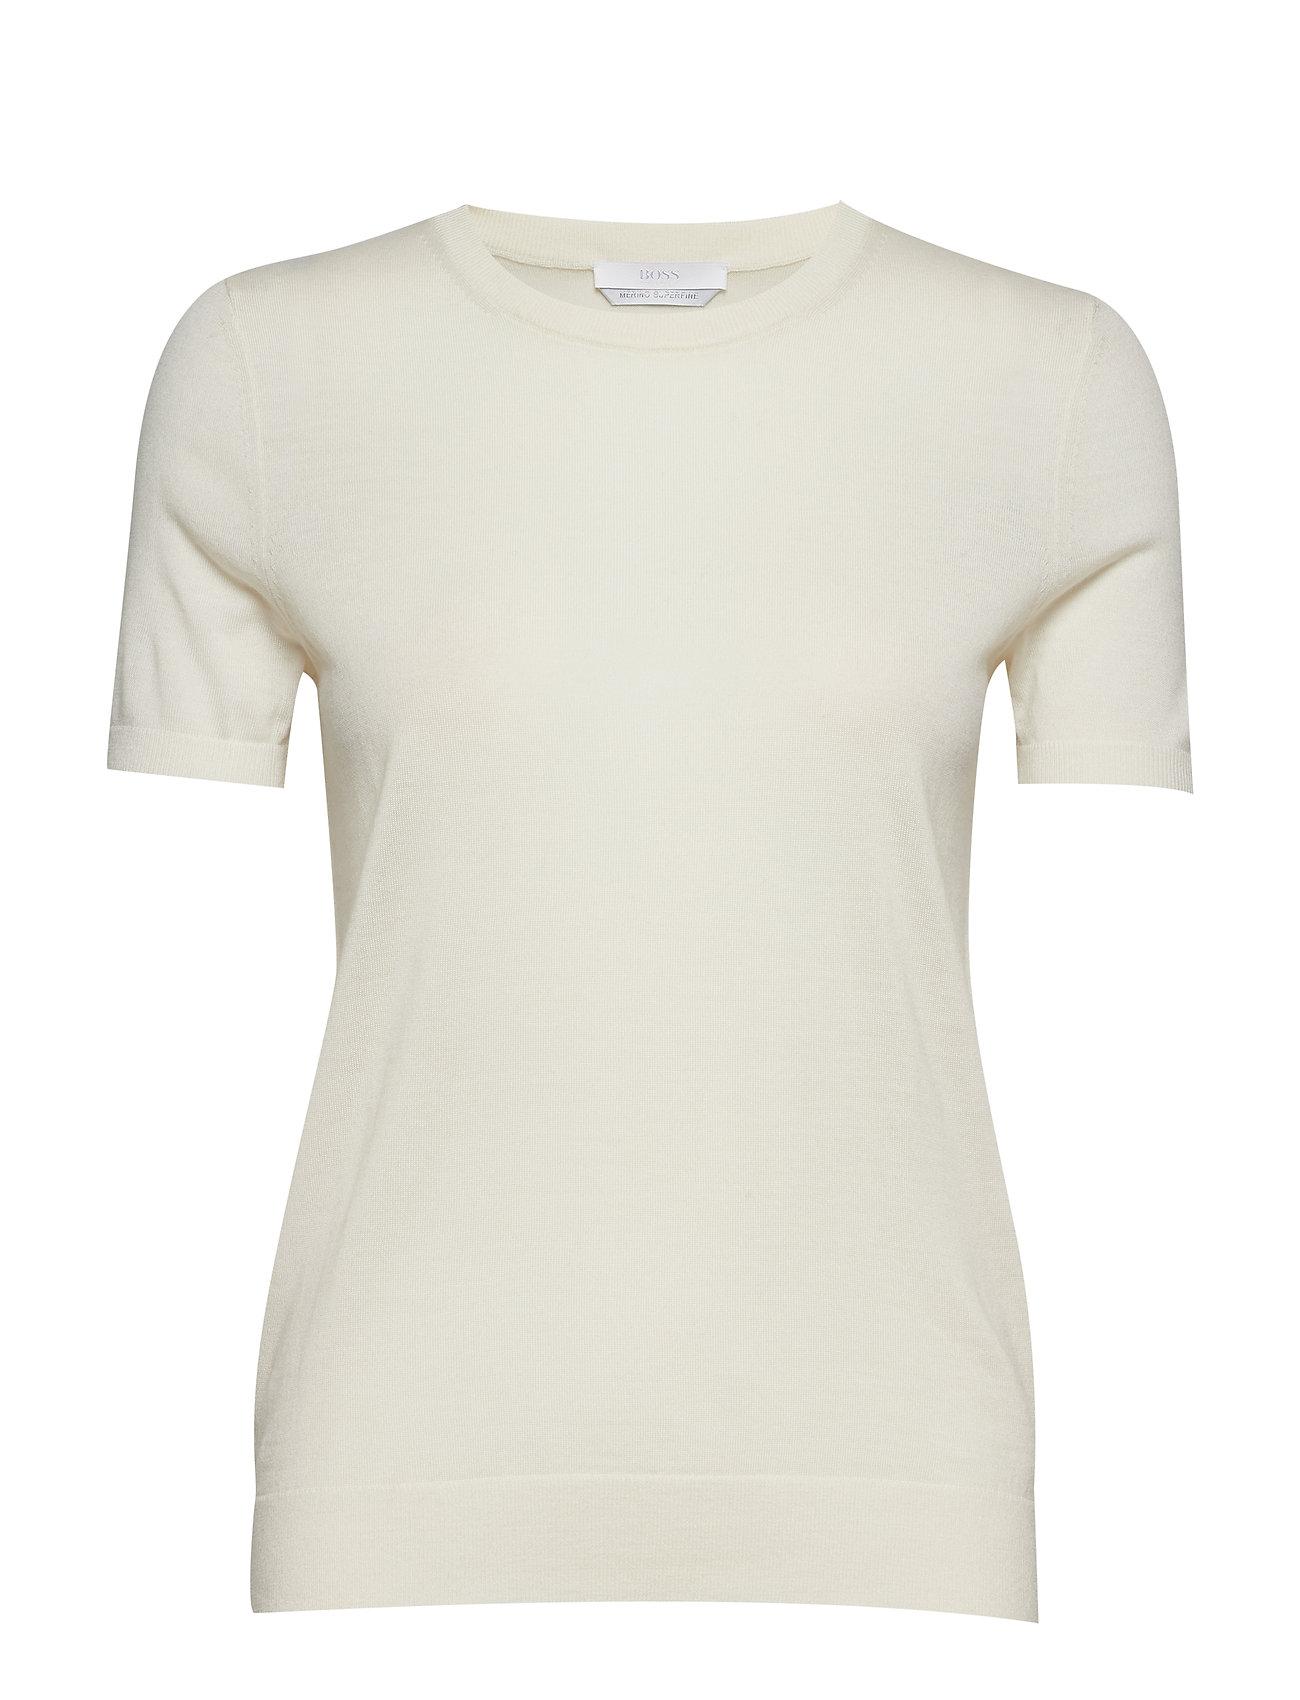 BOSS Business Wear Falyssa - OPEN WHITE